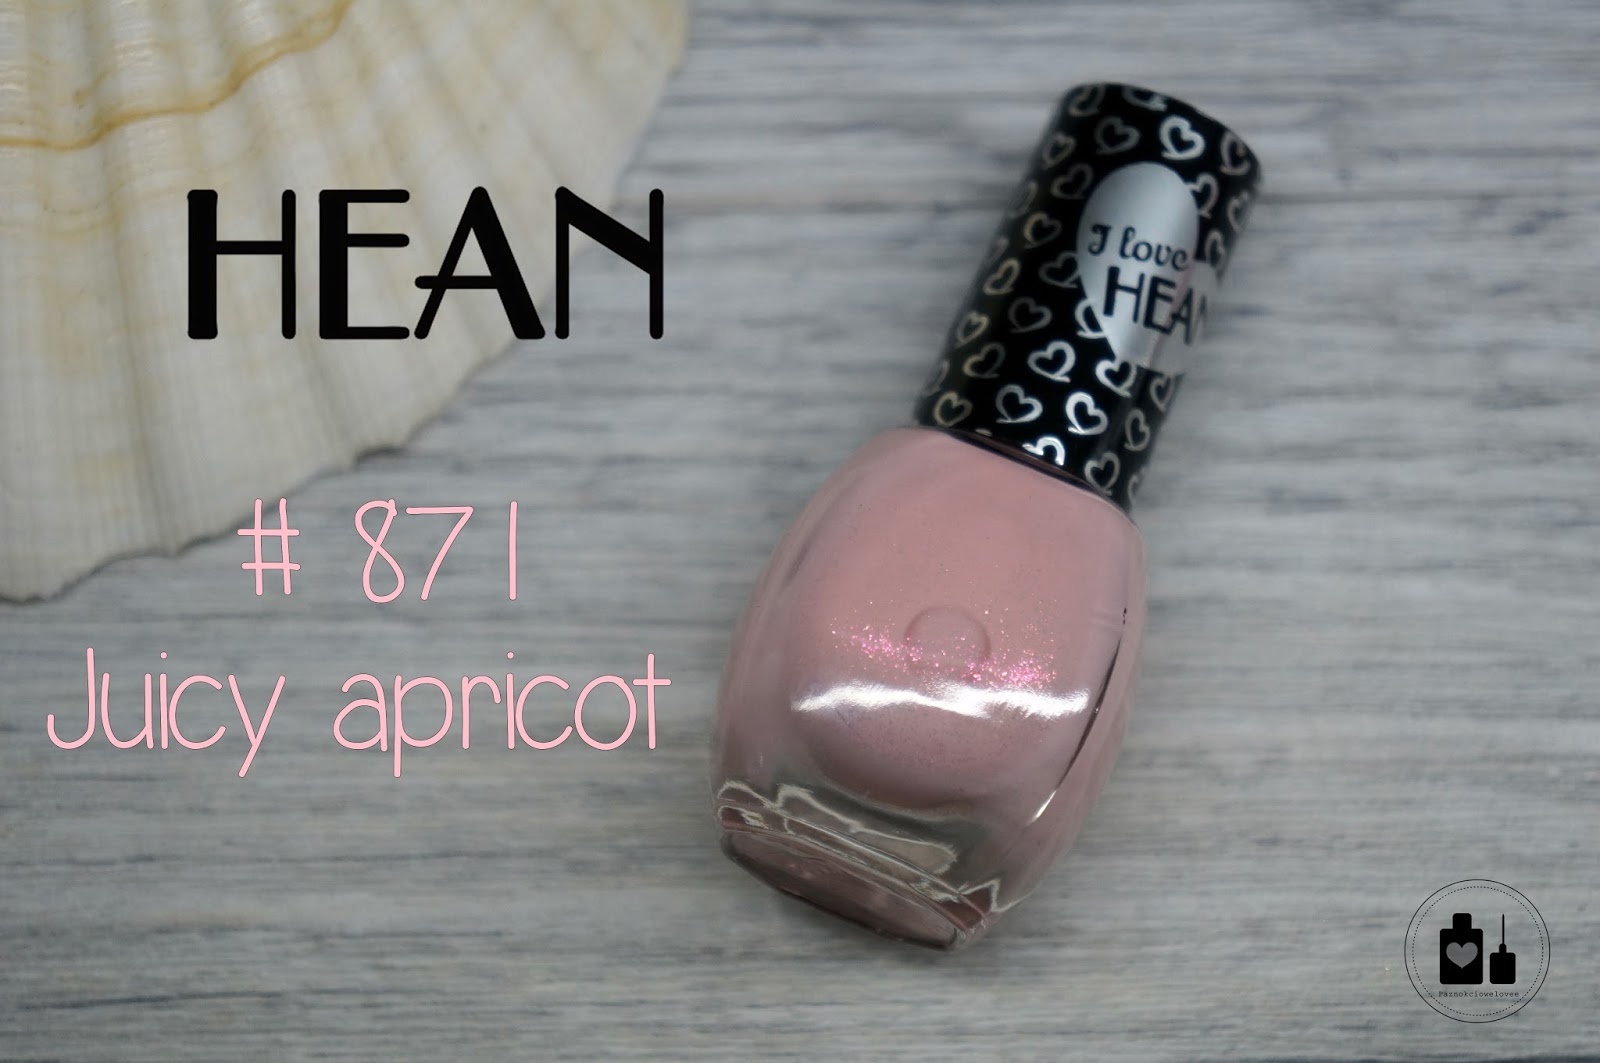 Hean  # 871 Juicy apricot, czyli soczysta morelka na codzień.